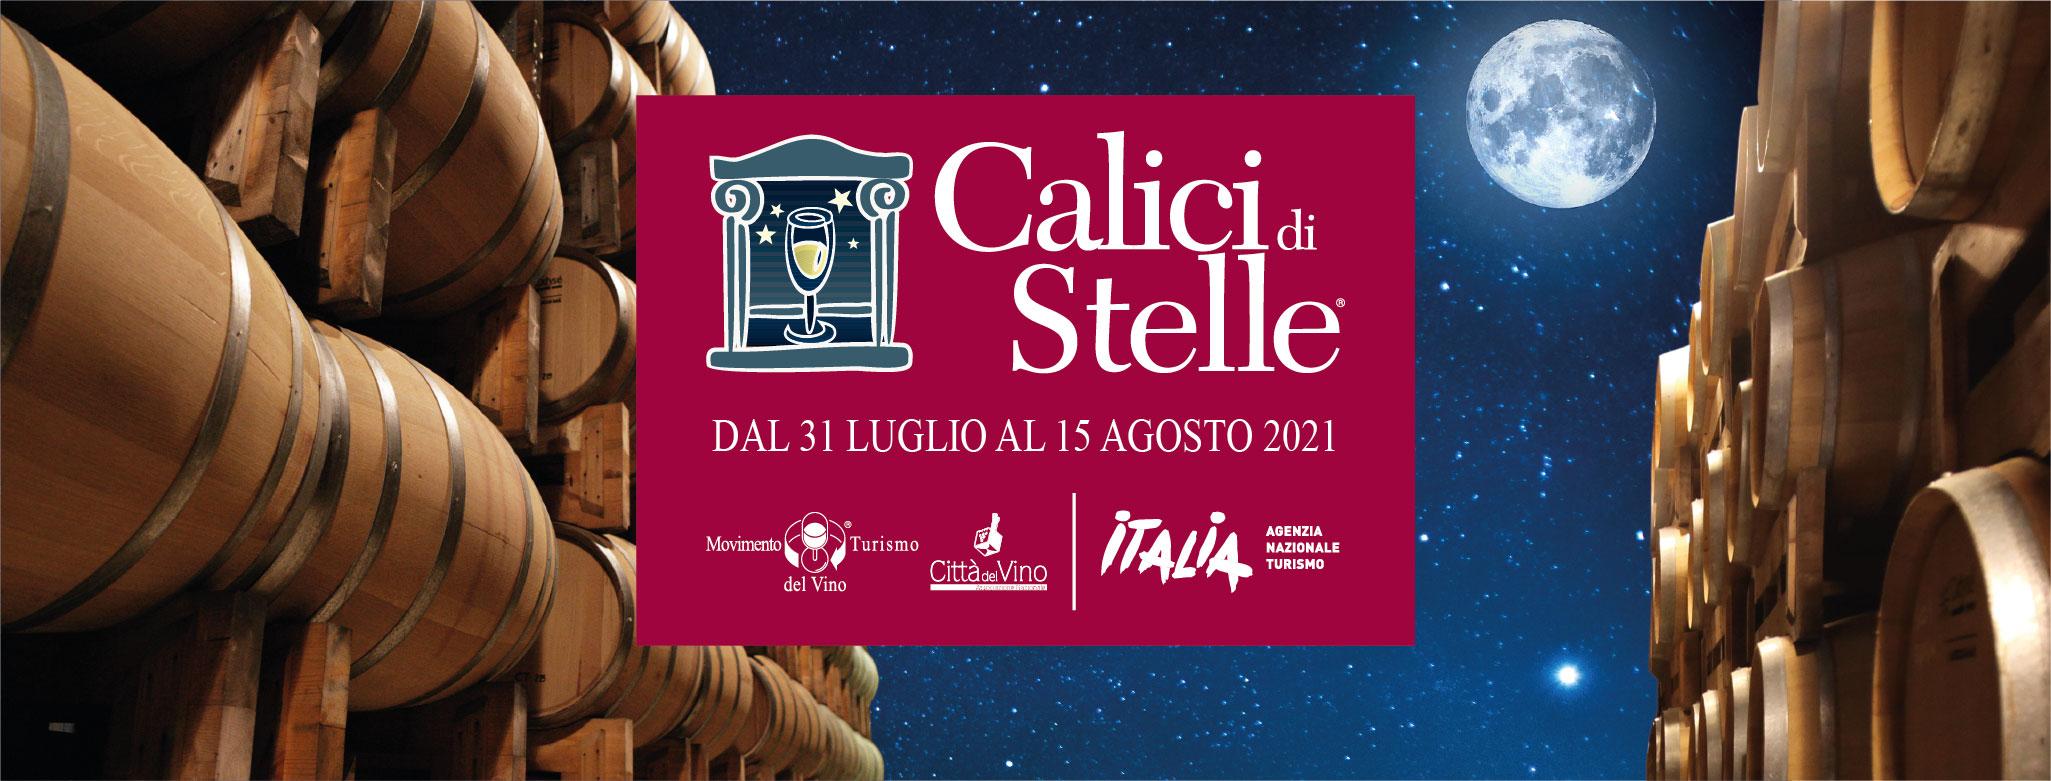 Calici di Stelle 2021 nelle Città del Vino del Friuli Venezia Giulia